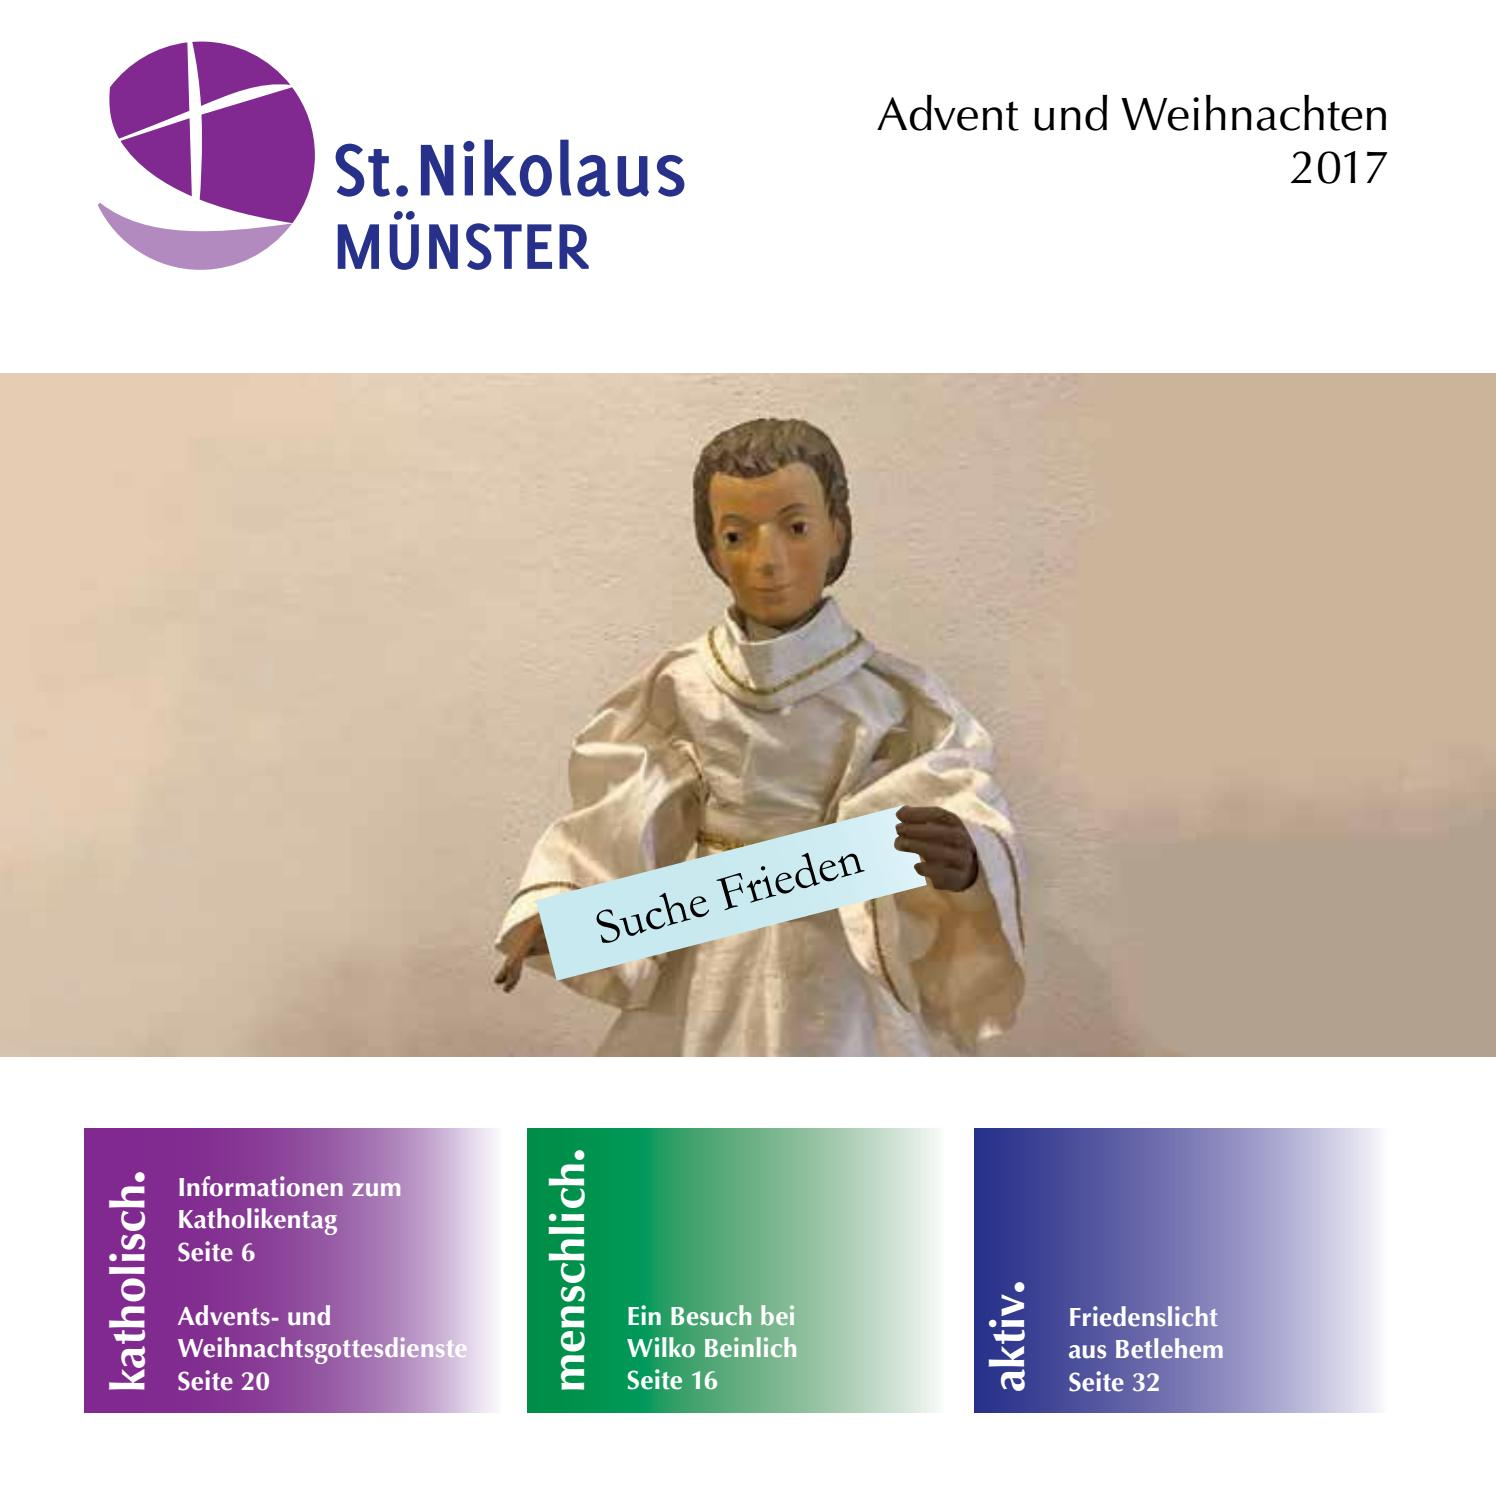 Weihnachtspfarrbrief 2017 by St. Nikolaus Münster - issuu